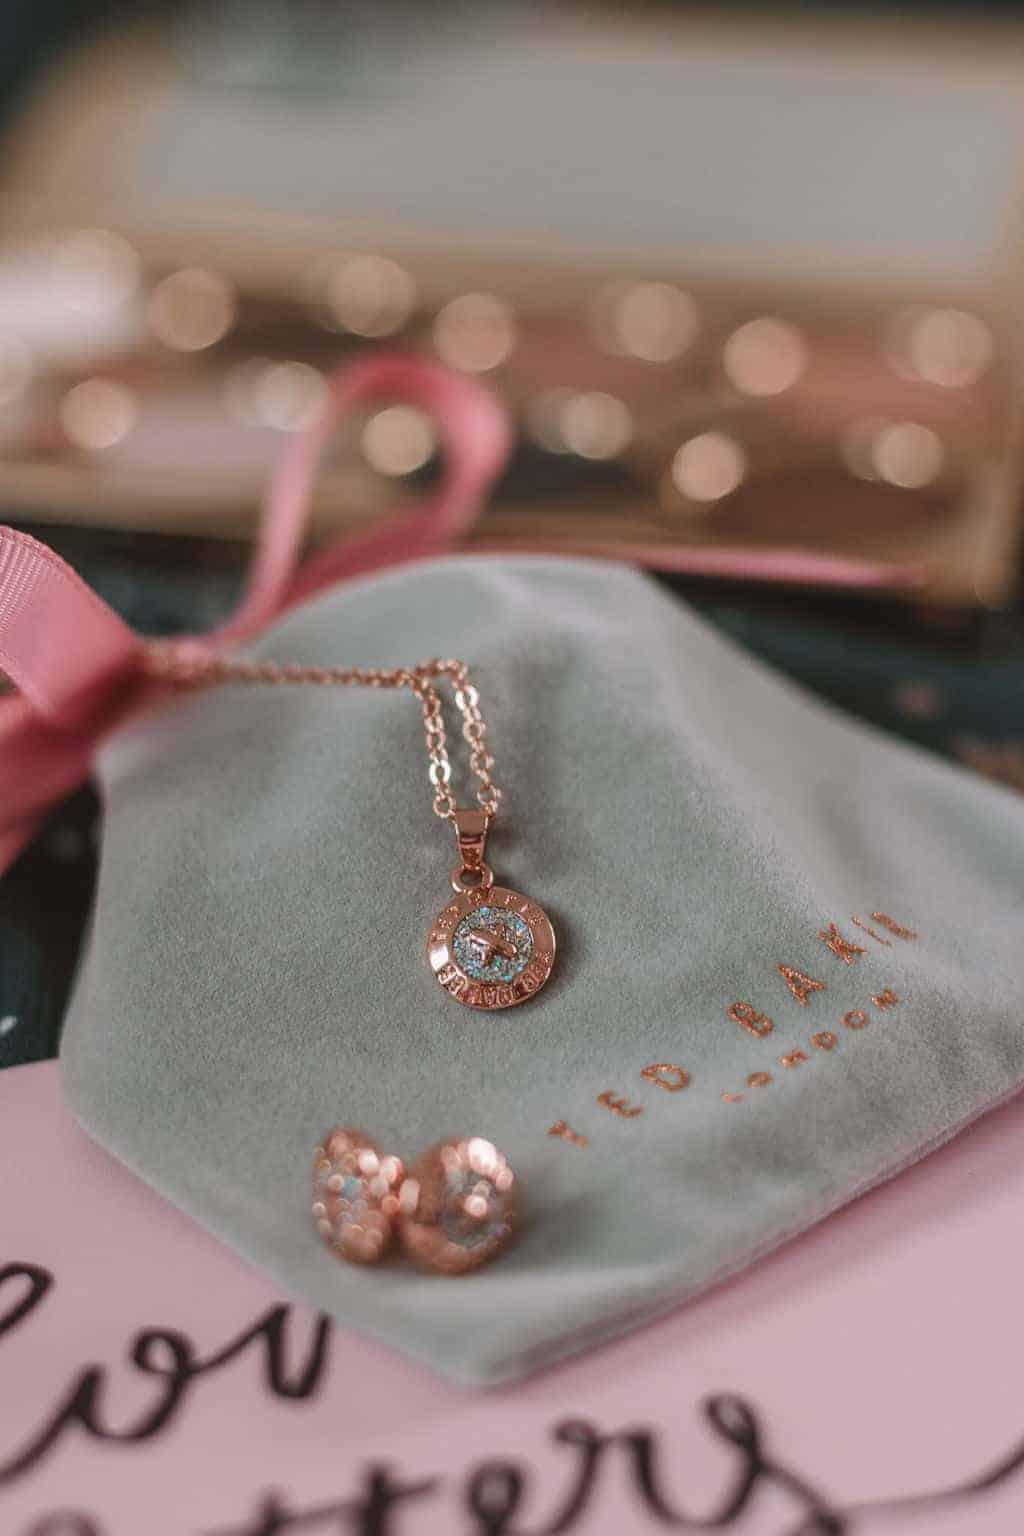 Ted Baker - Christmas Gift Guide 2018: Brilliant Christmas Gift Ideas For Her #whatshotblog